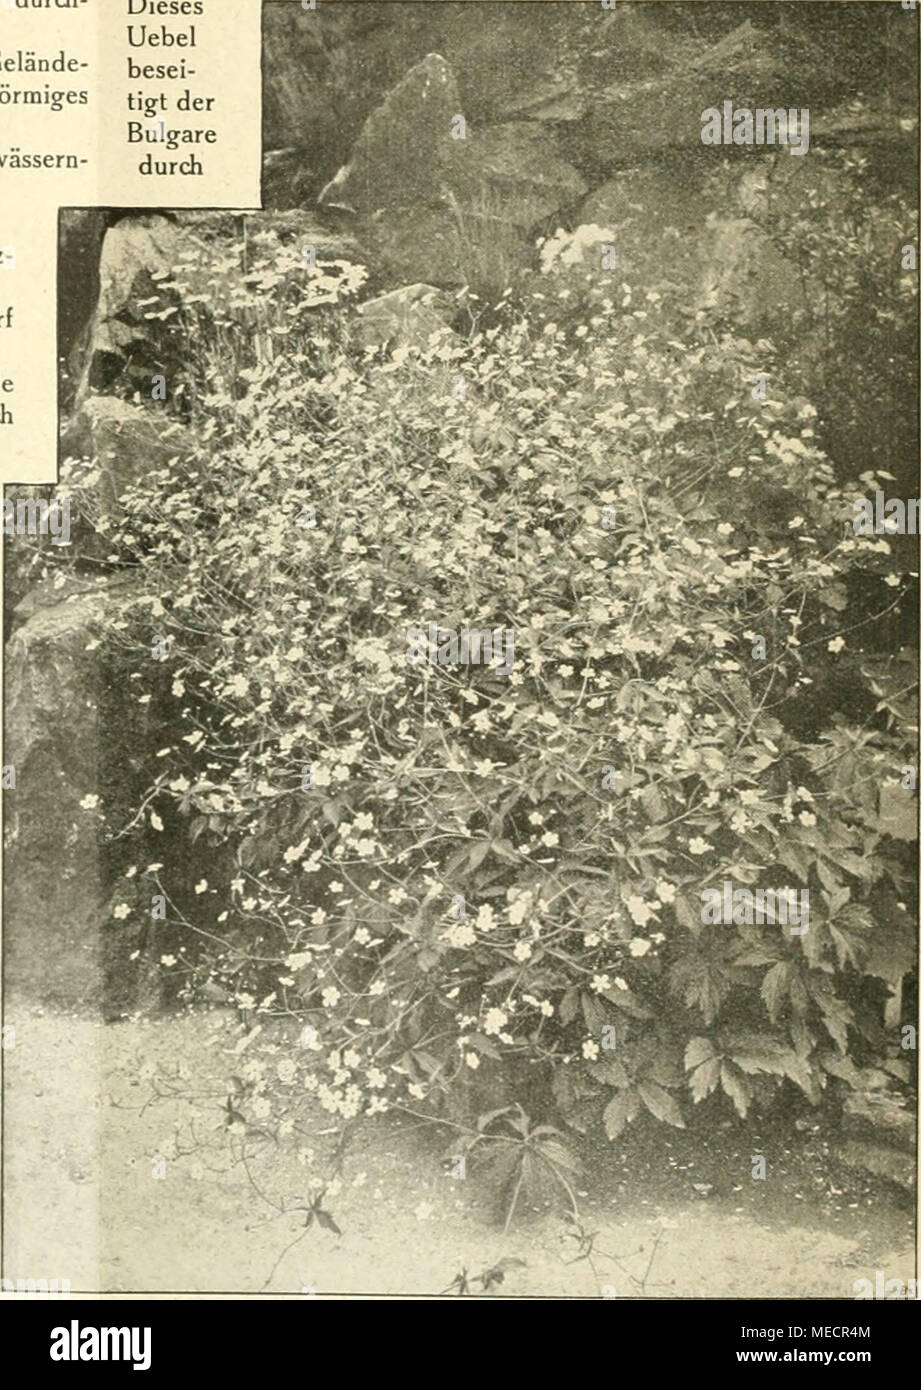 """. Die Gartenwelt . Ranunculus aconitifolius platanifolius. Nach eioer vom Verfasser für die """"Gartenwelt"""" gefertigten Aufnahme. - Stock Image"""